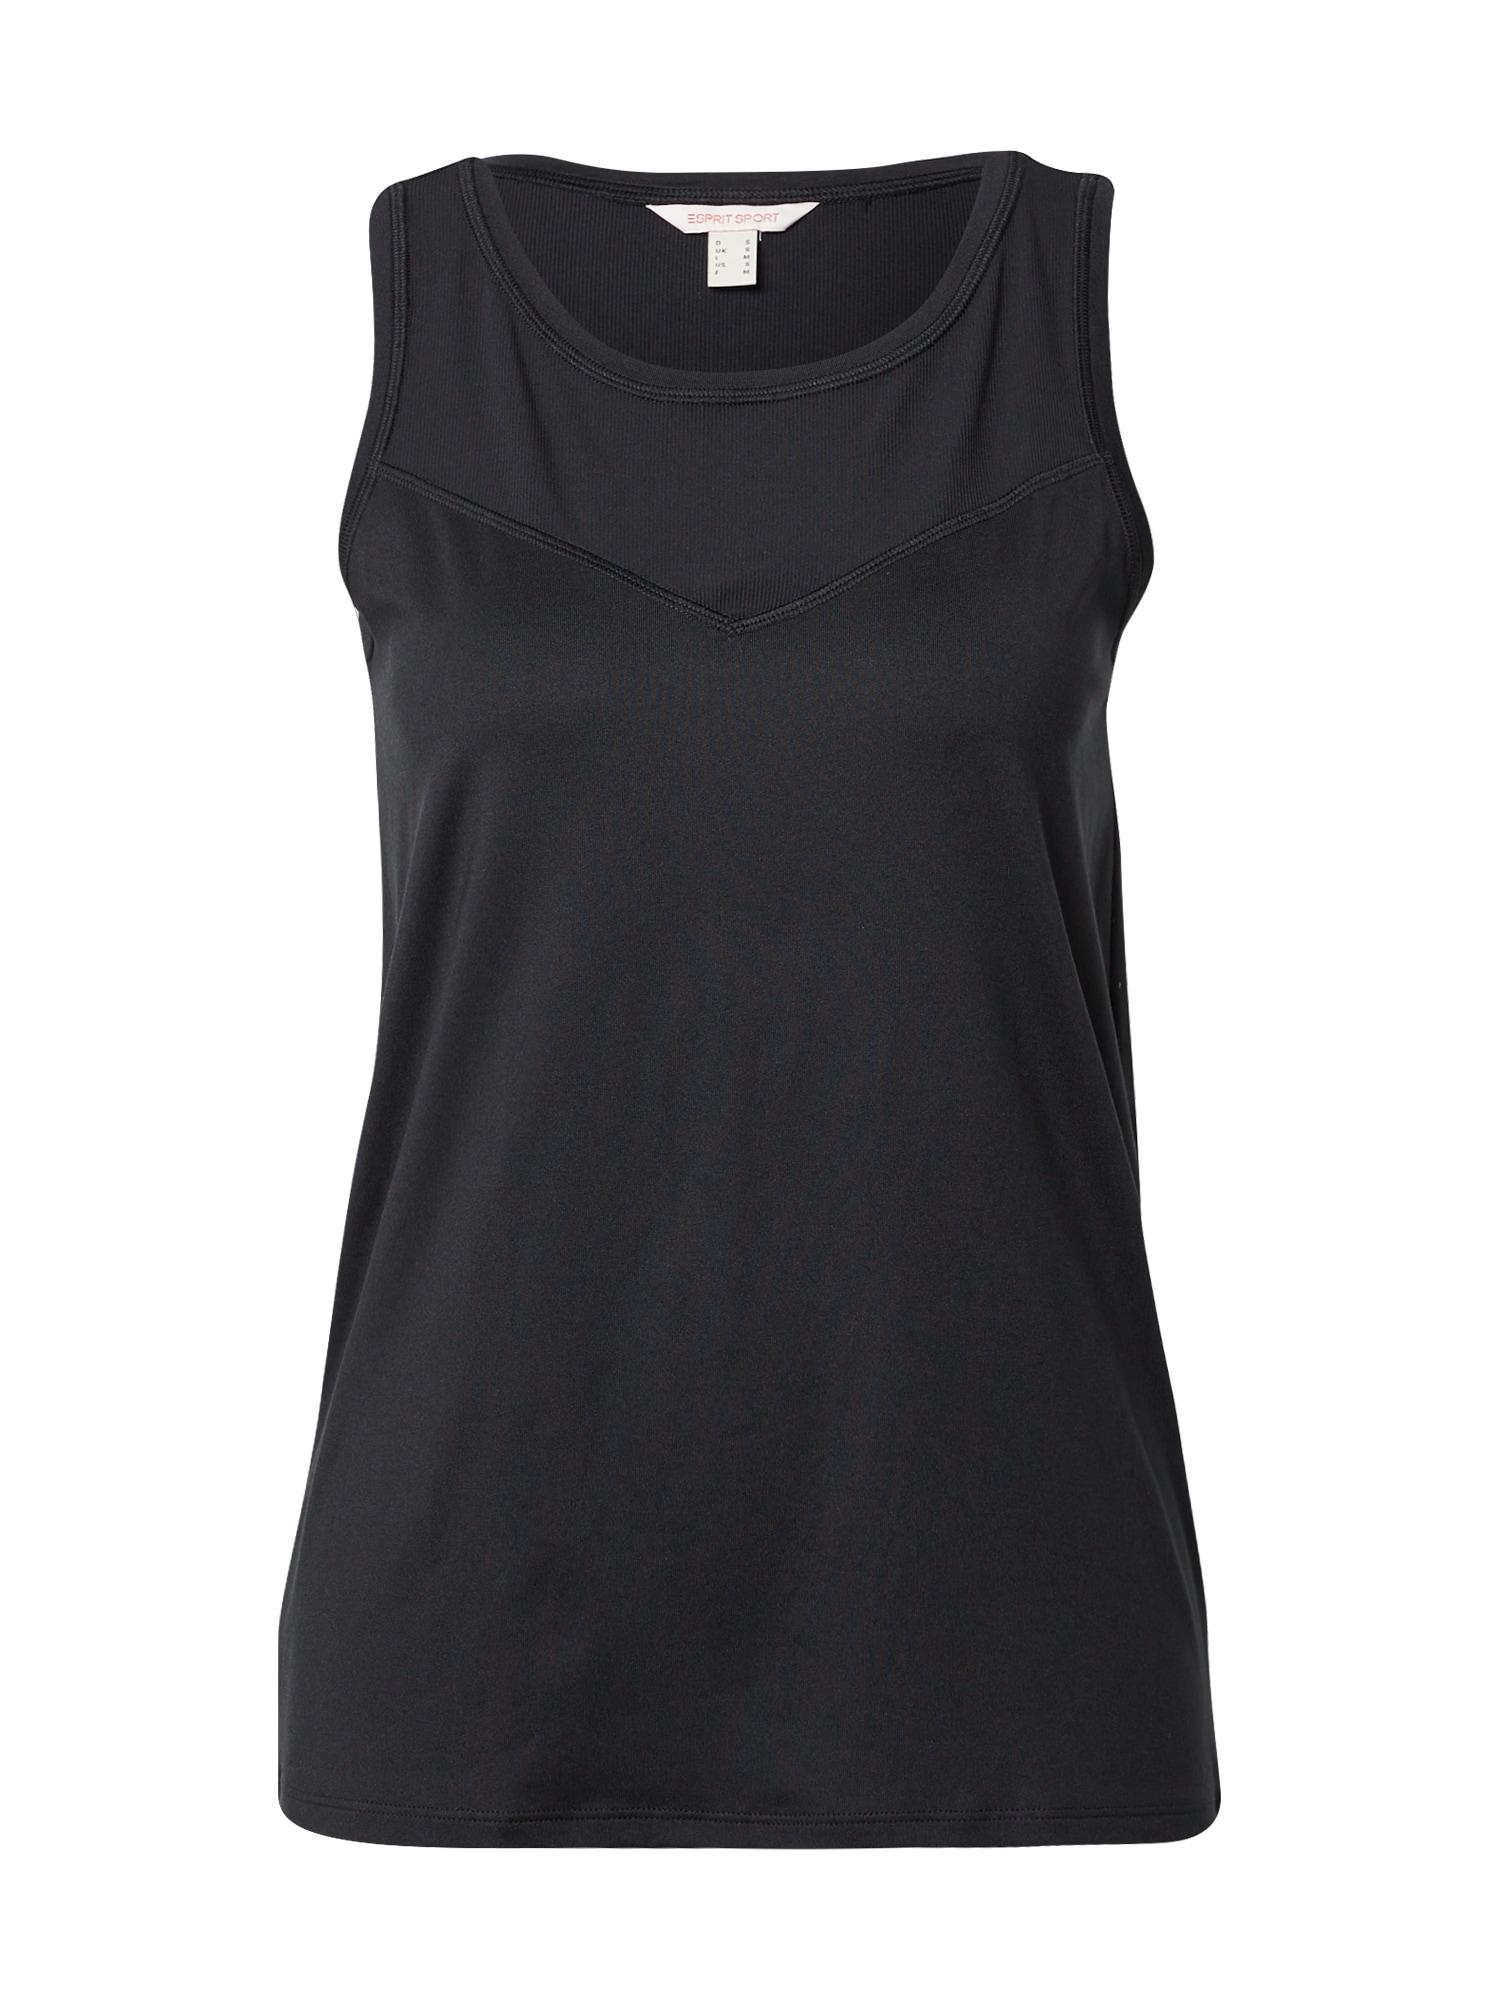 ESPRIT SPORT Sportiniai marškinėliai be rankovių juoda